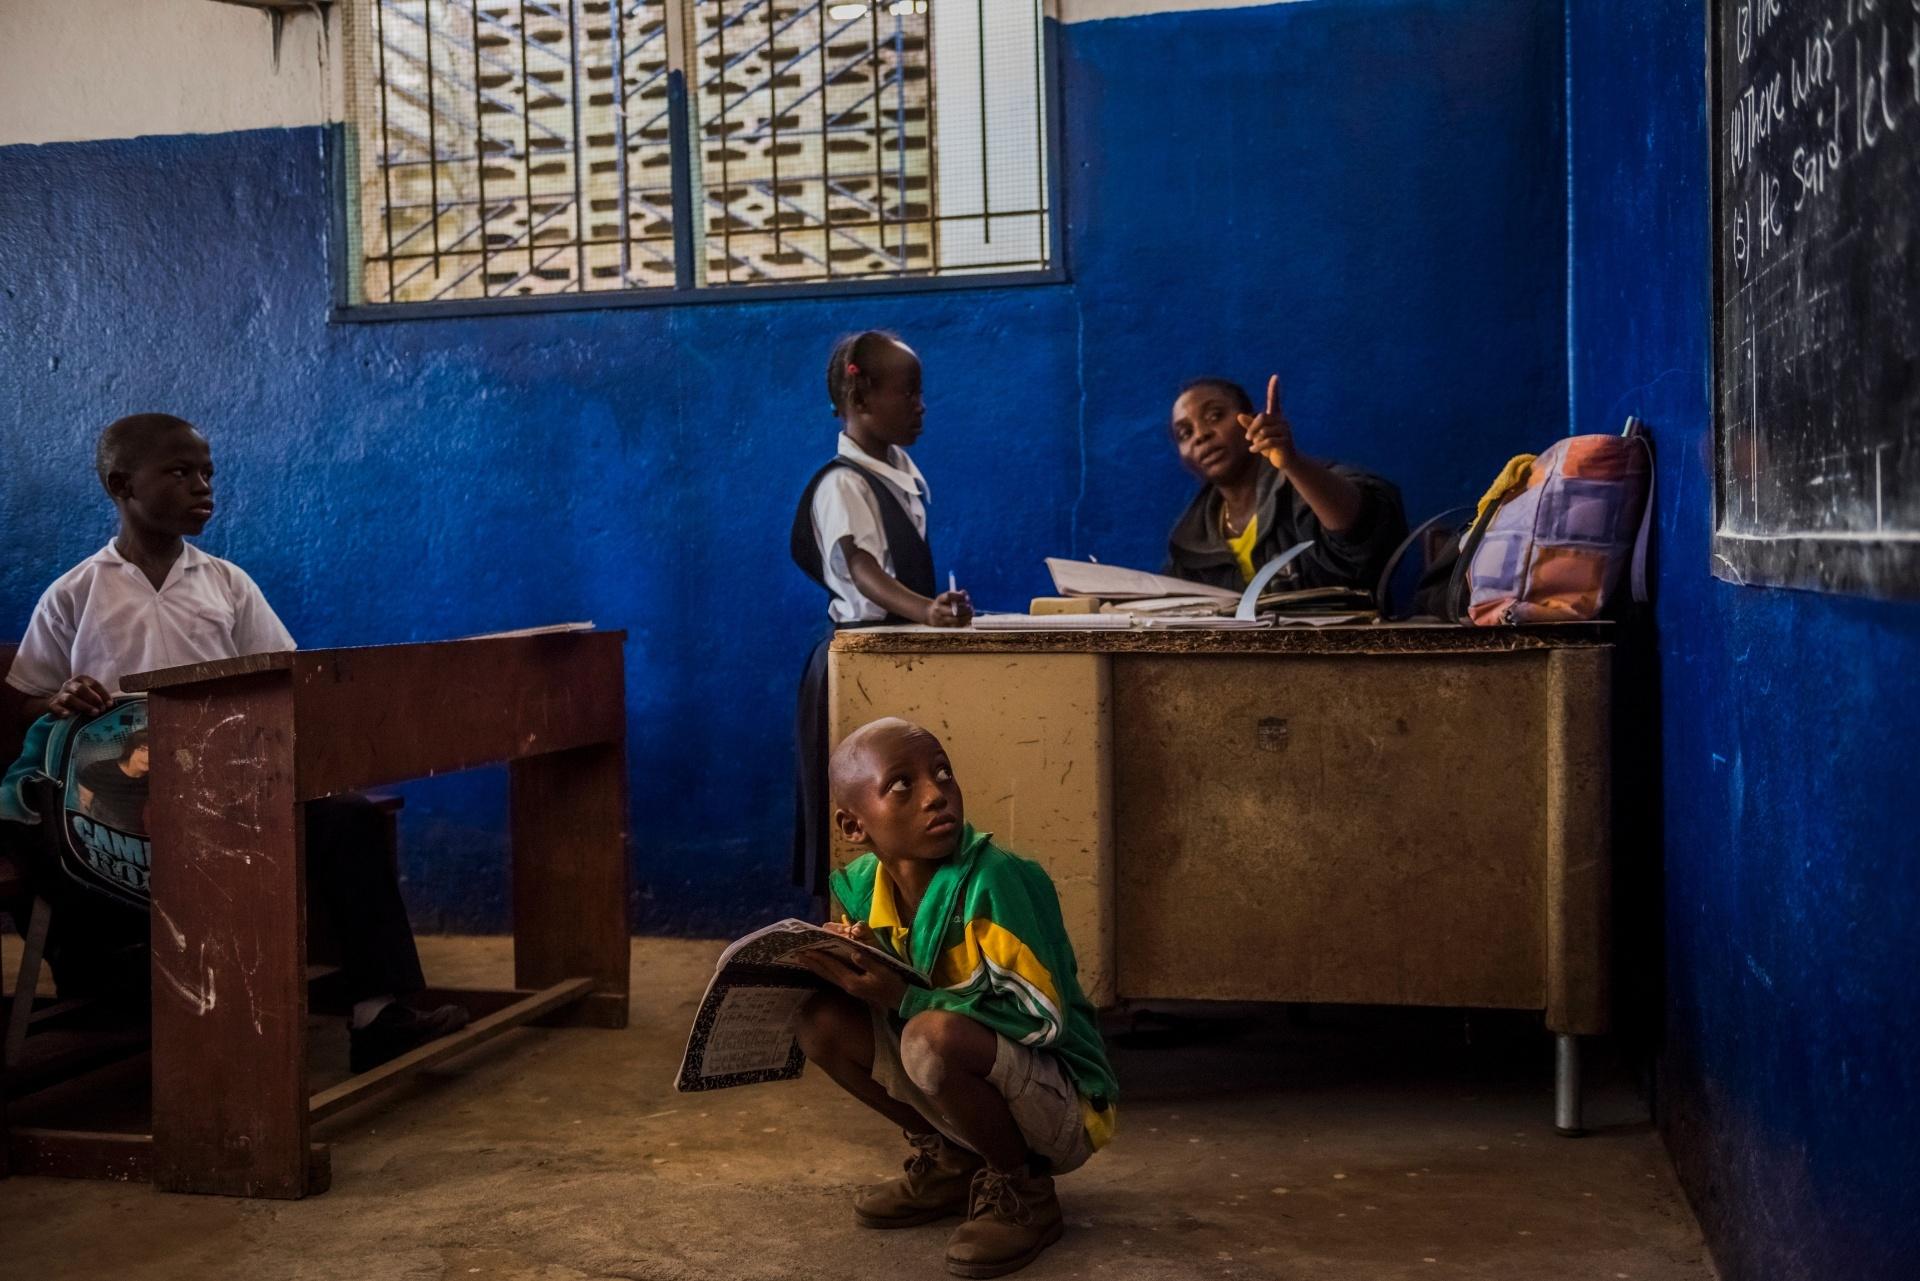 4.mar.2015 - Alunos de primeira e segunda séries estudam juntos em uma aula, devido á falta de uma das professoras, na escola de ensino fundamental C.D.B. King, em Monrovia, na Libéria